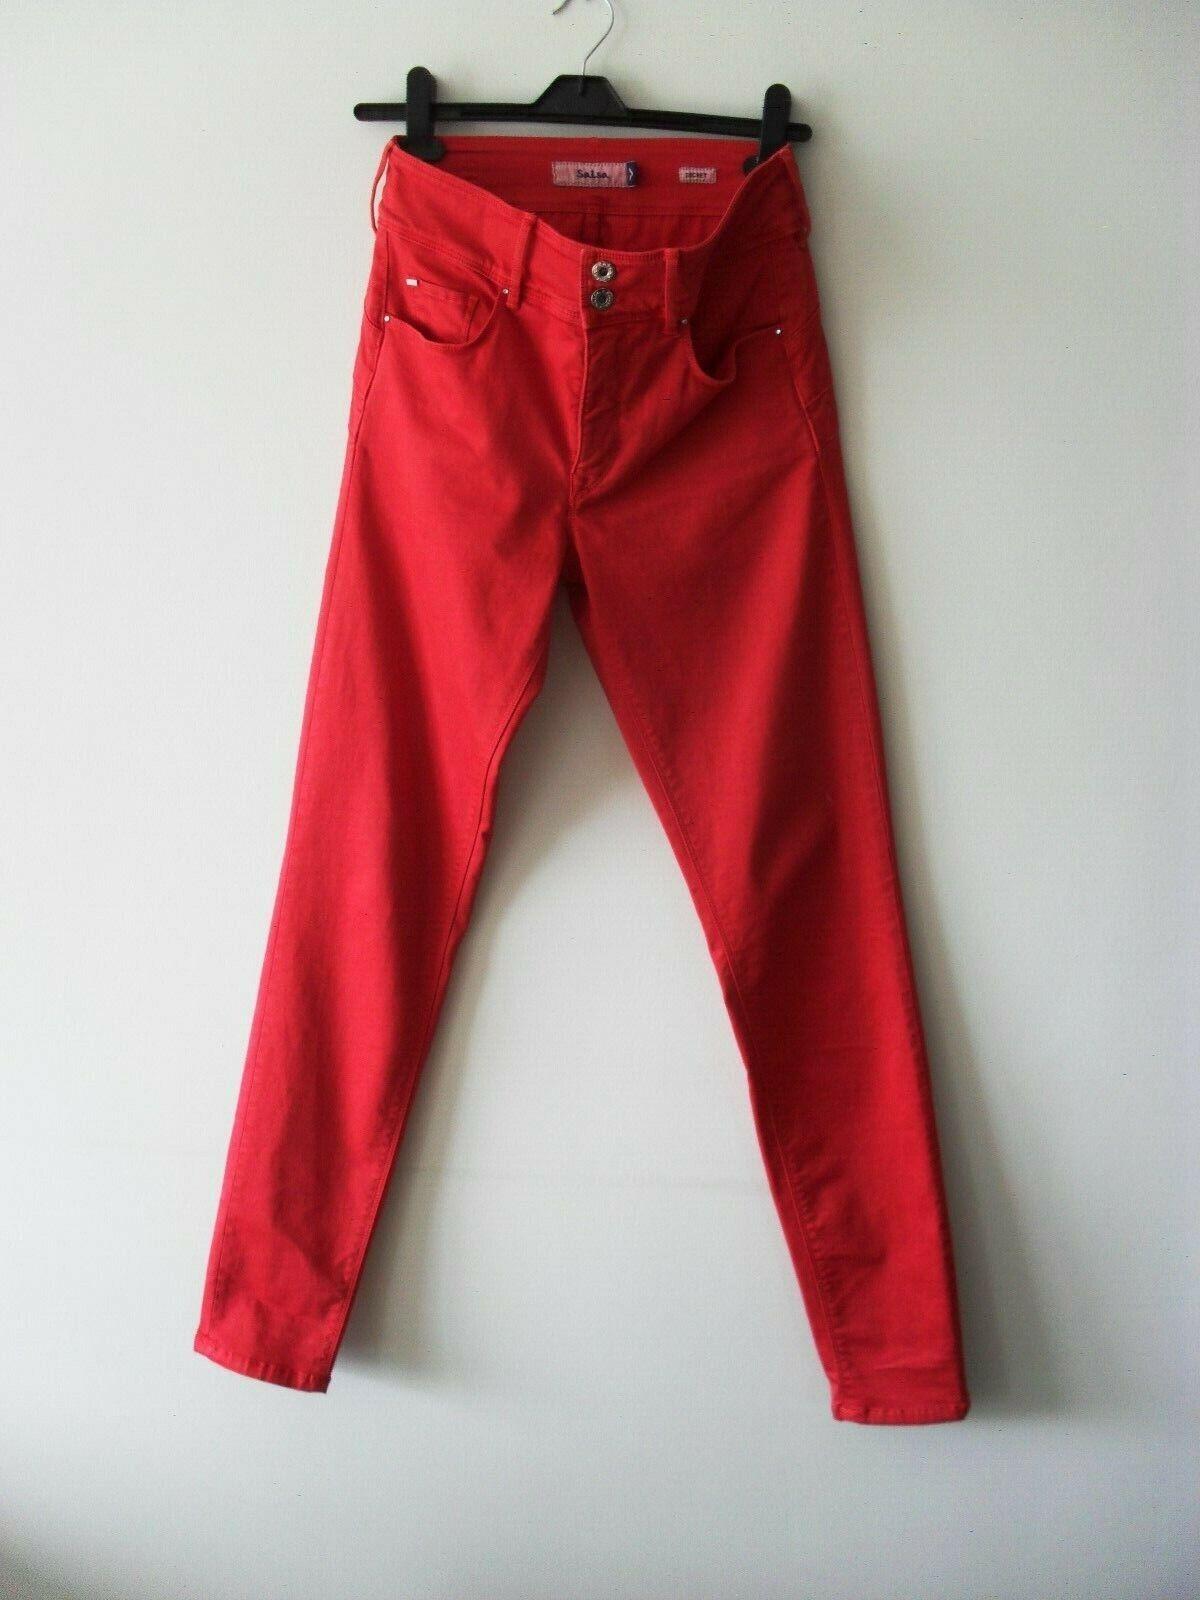 Salsa secret push-in slim leg jeans in red W30 x L32